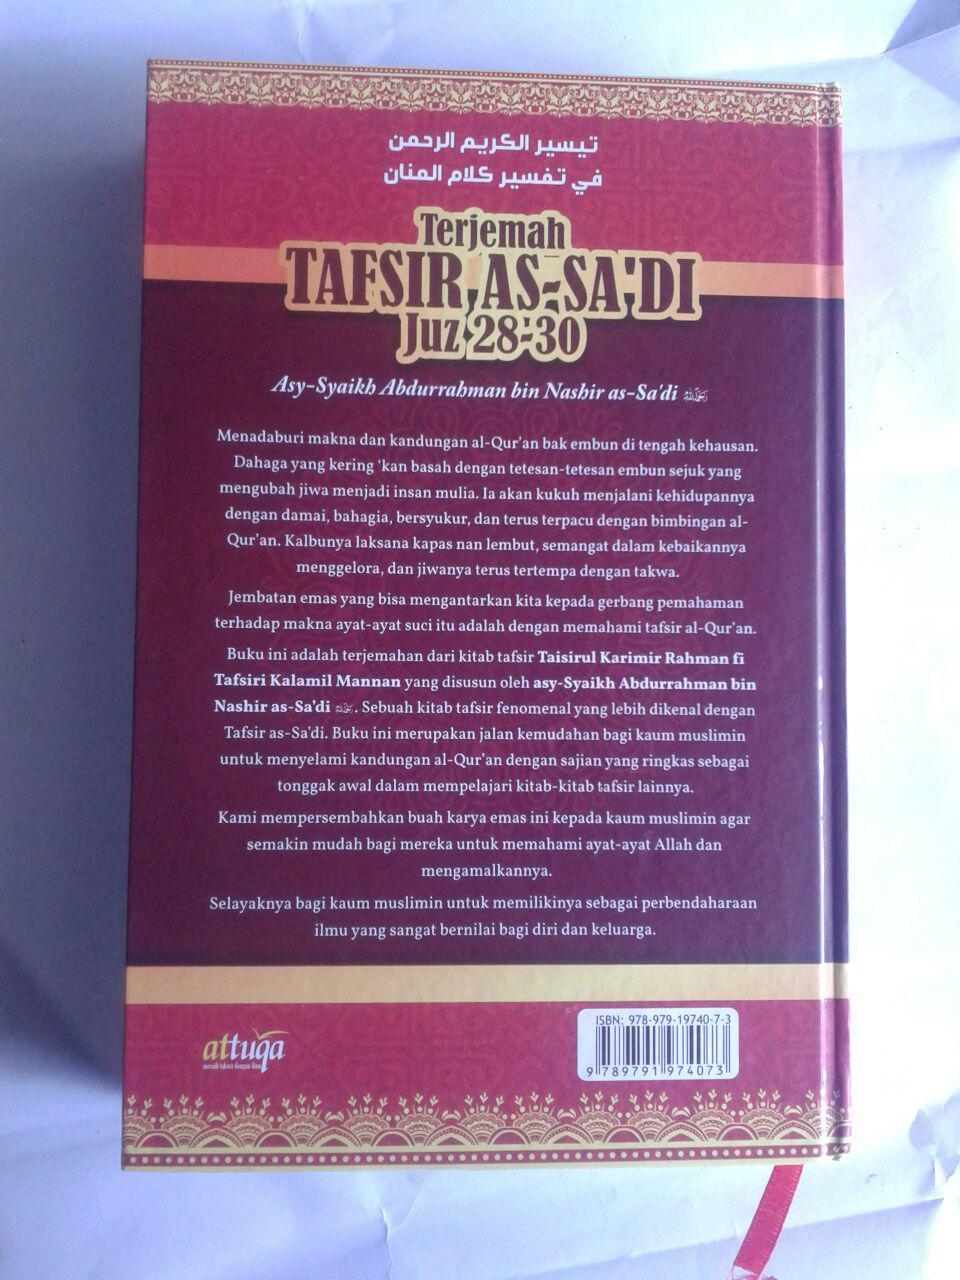 Buku Terjemah Tafsir As-Sa'di Juz 28-30 cover